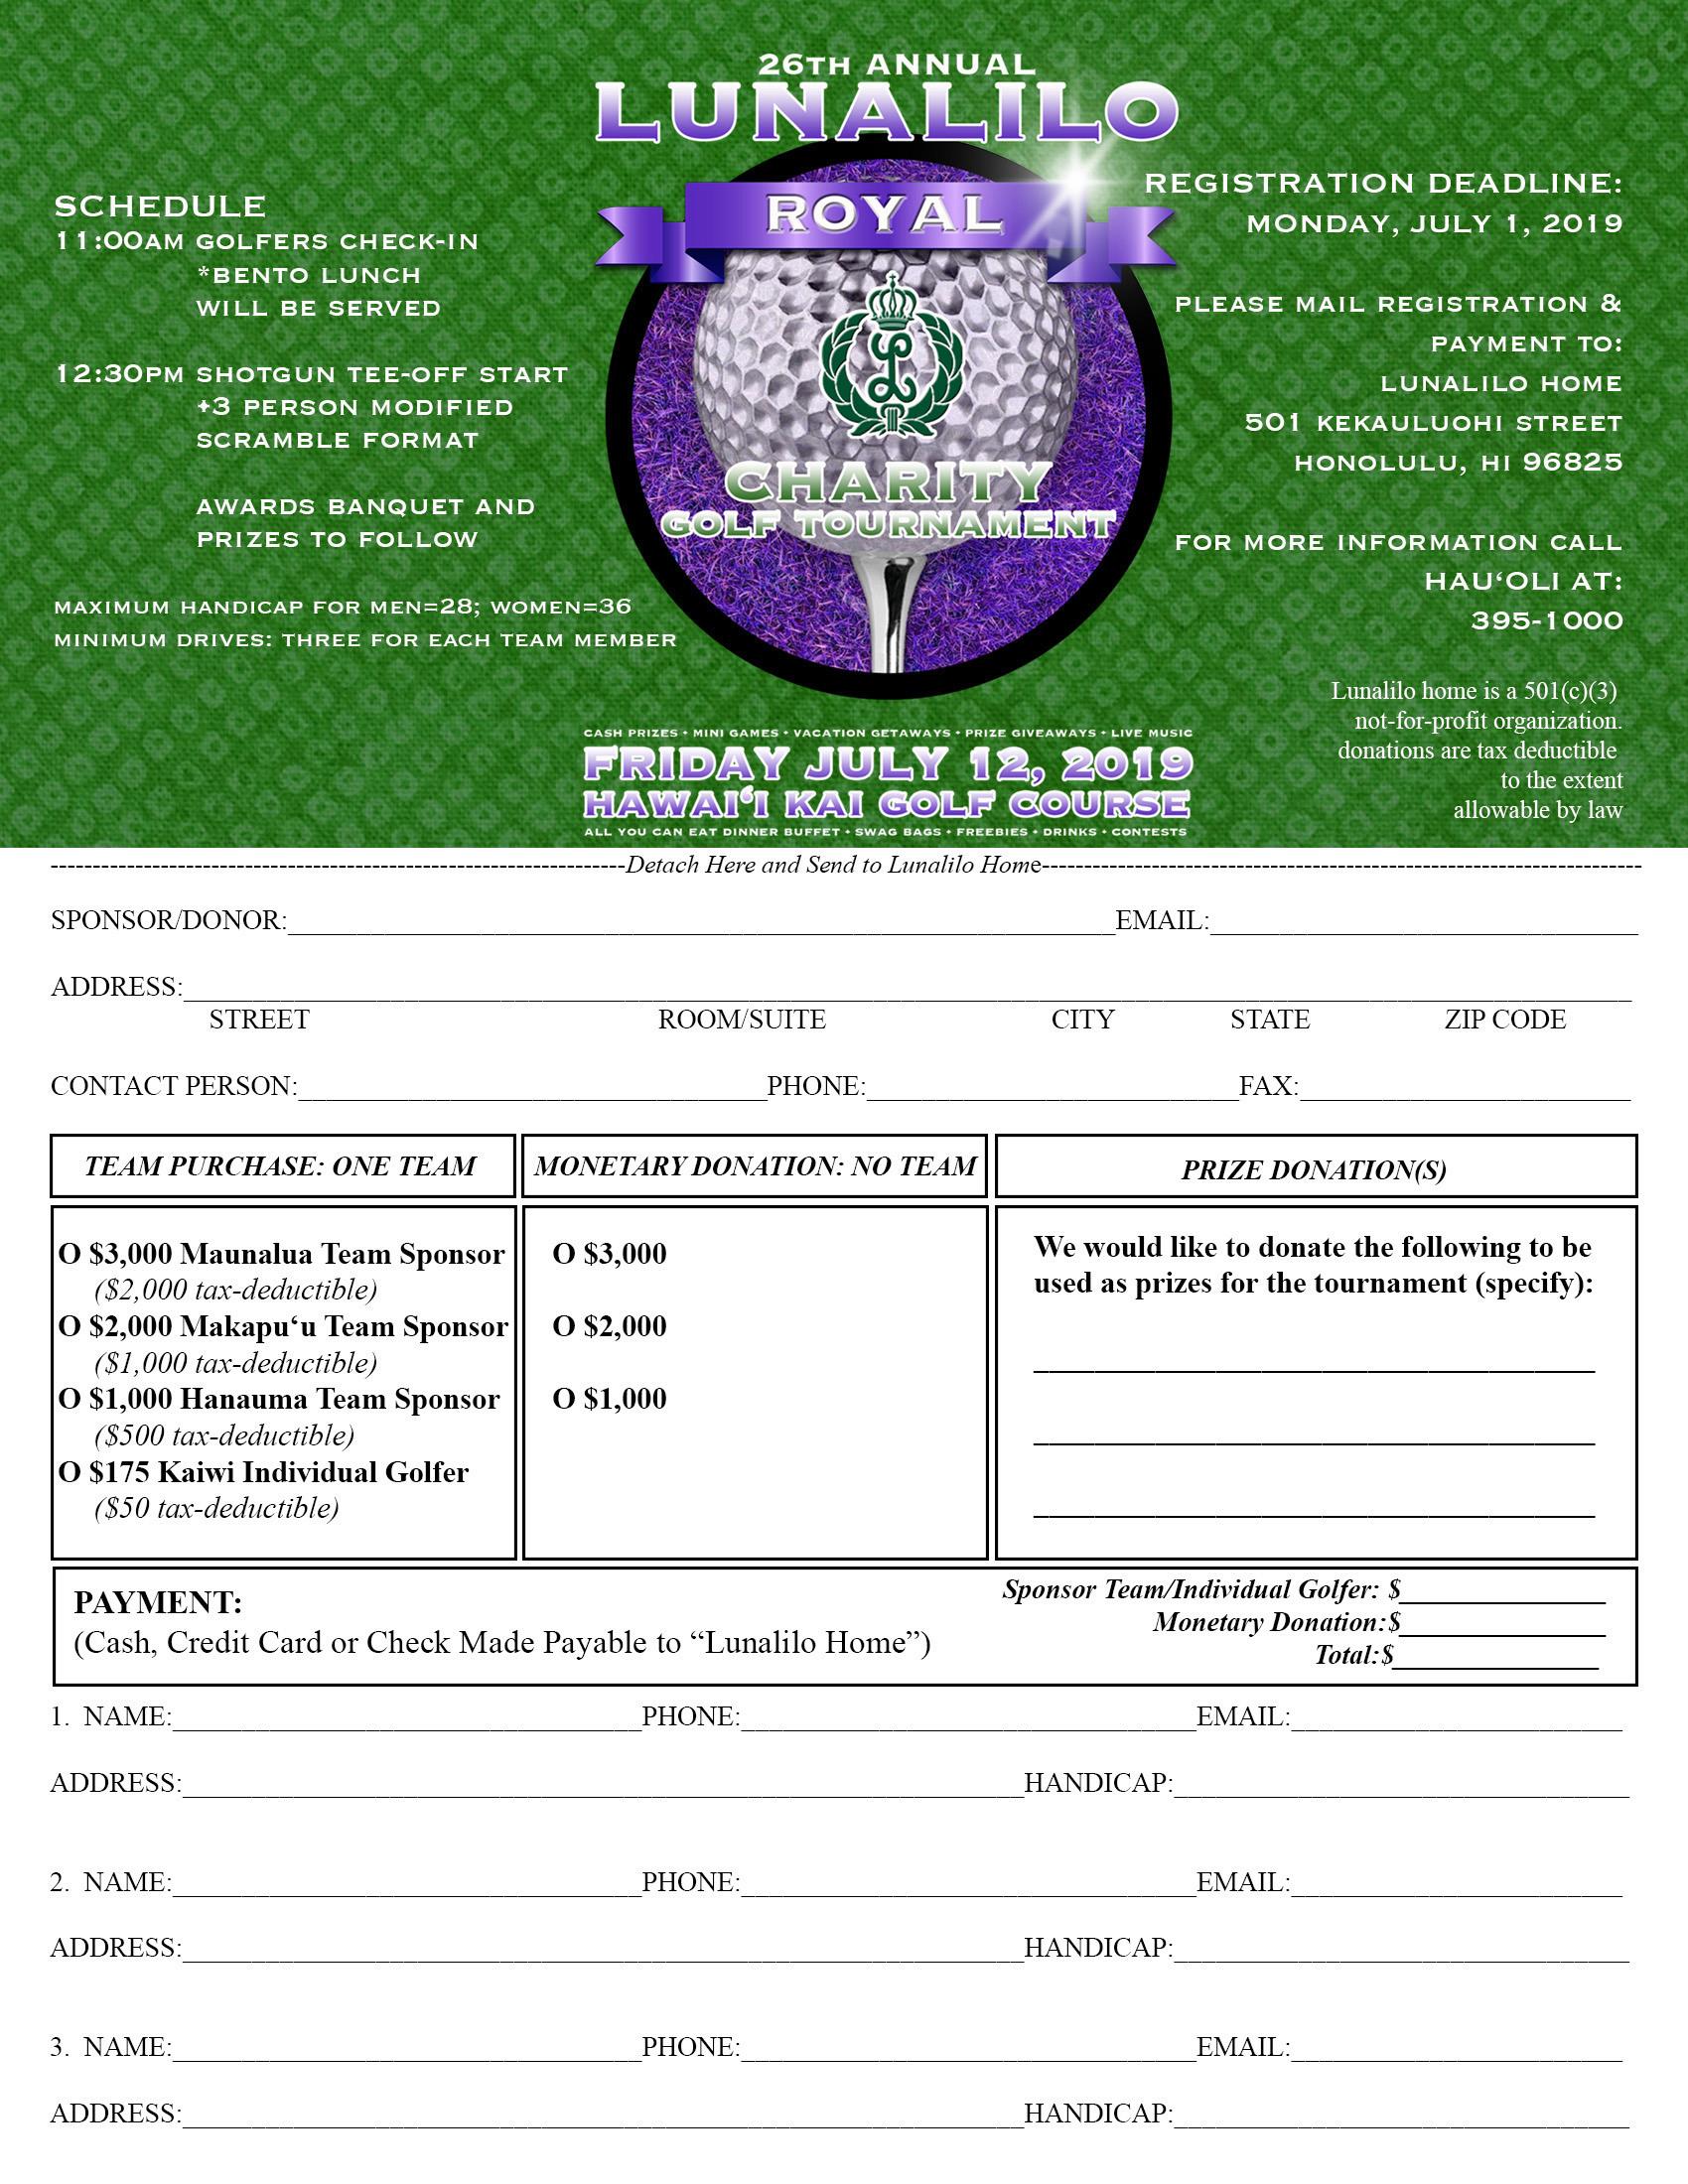 26th Annual Lunalilo Royal Charity Golf Tournament - Lunalilo Home